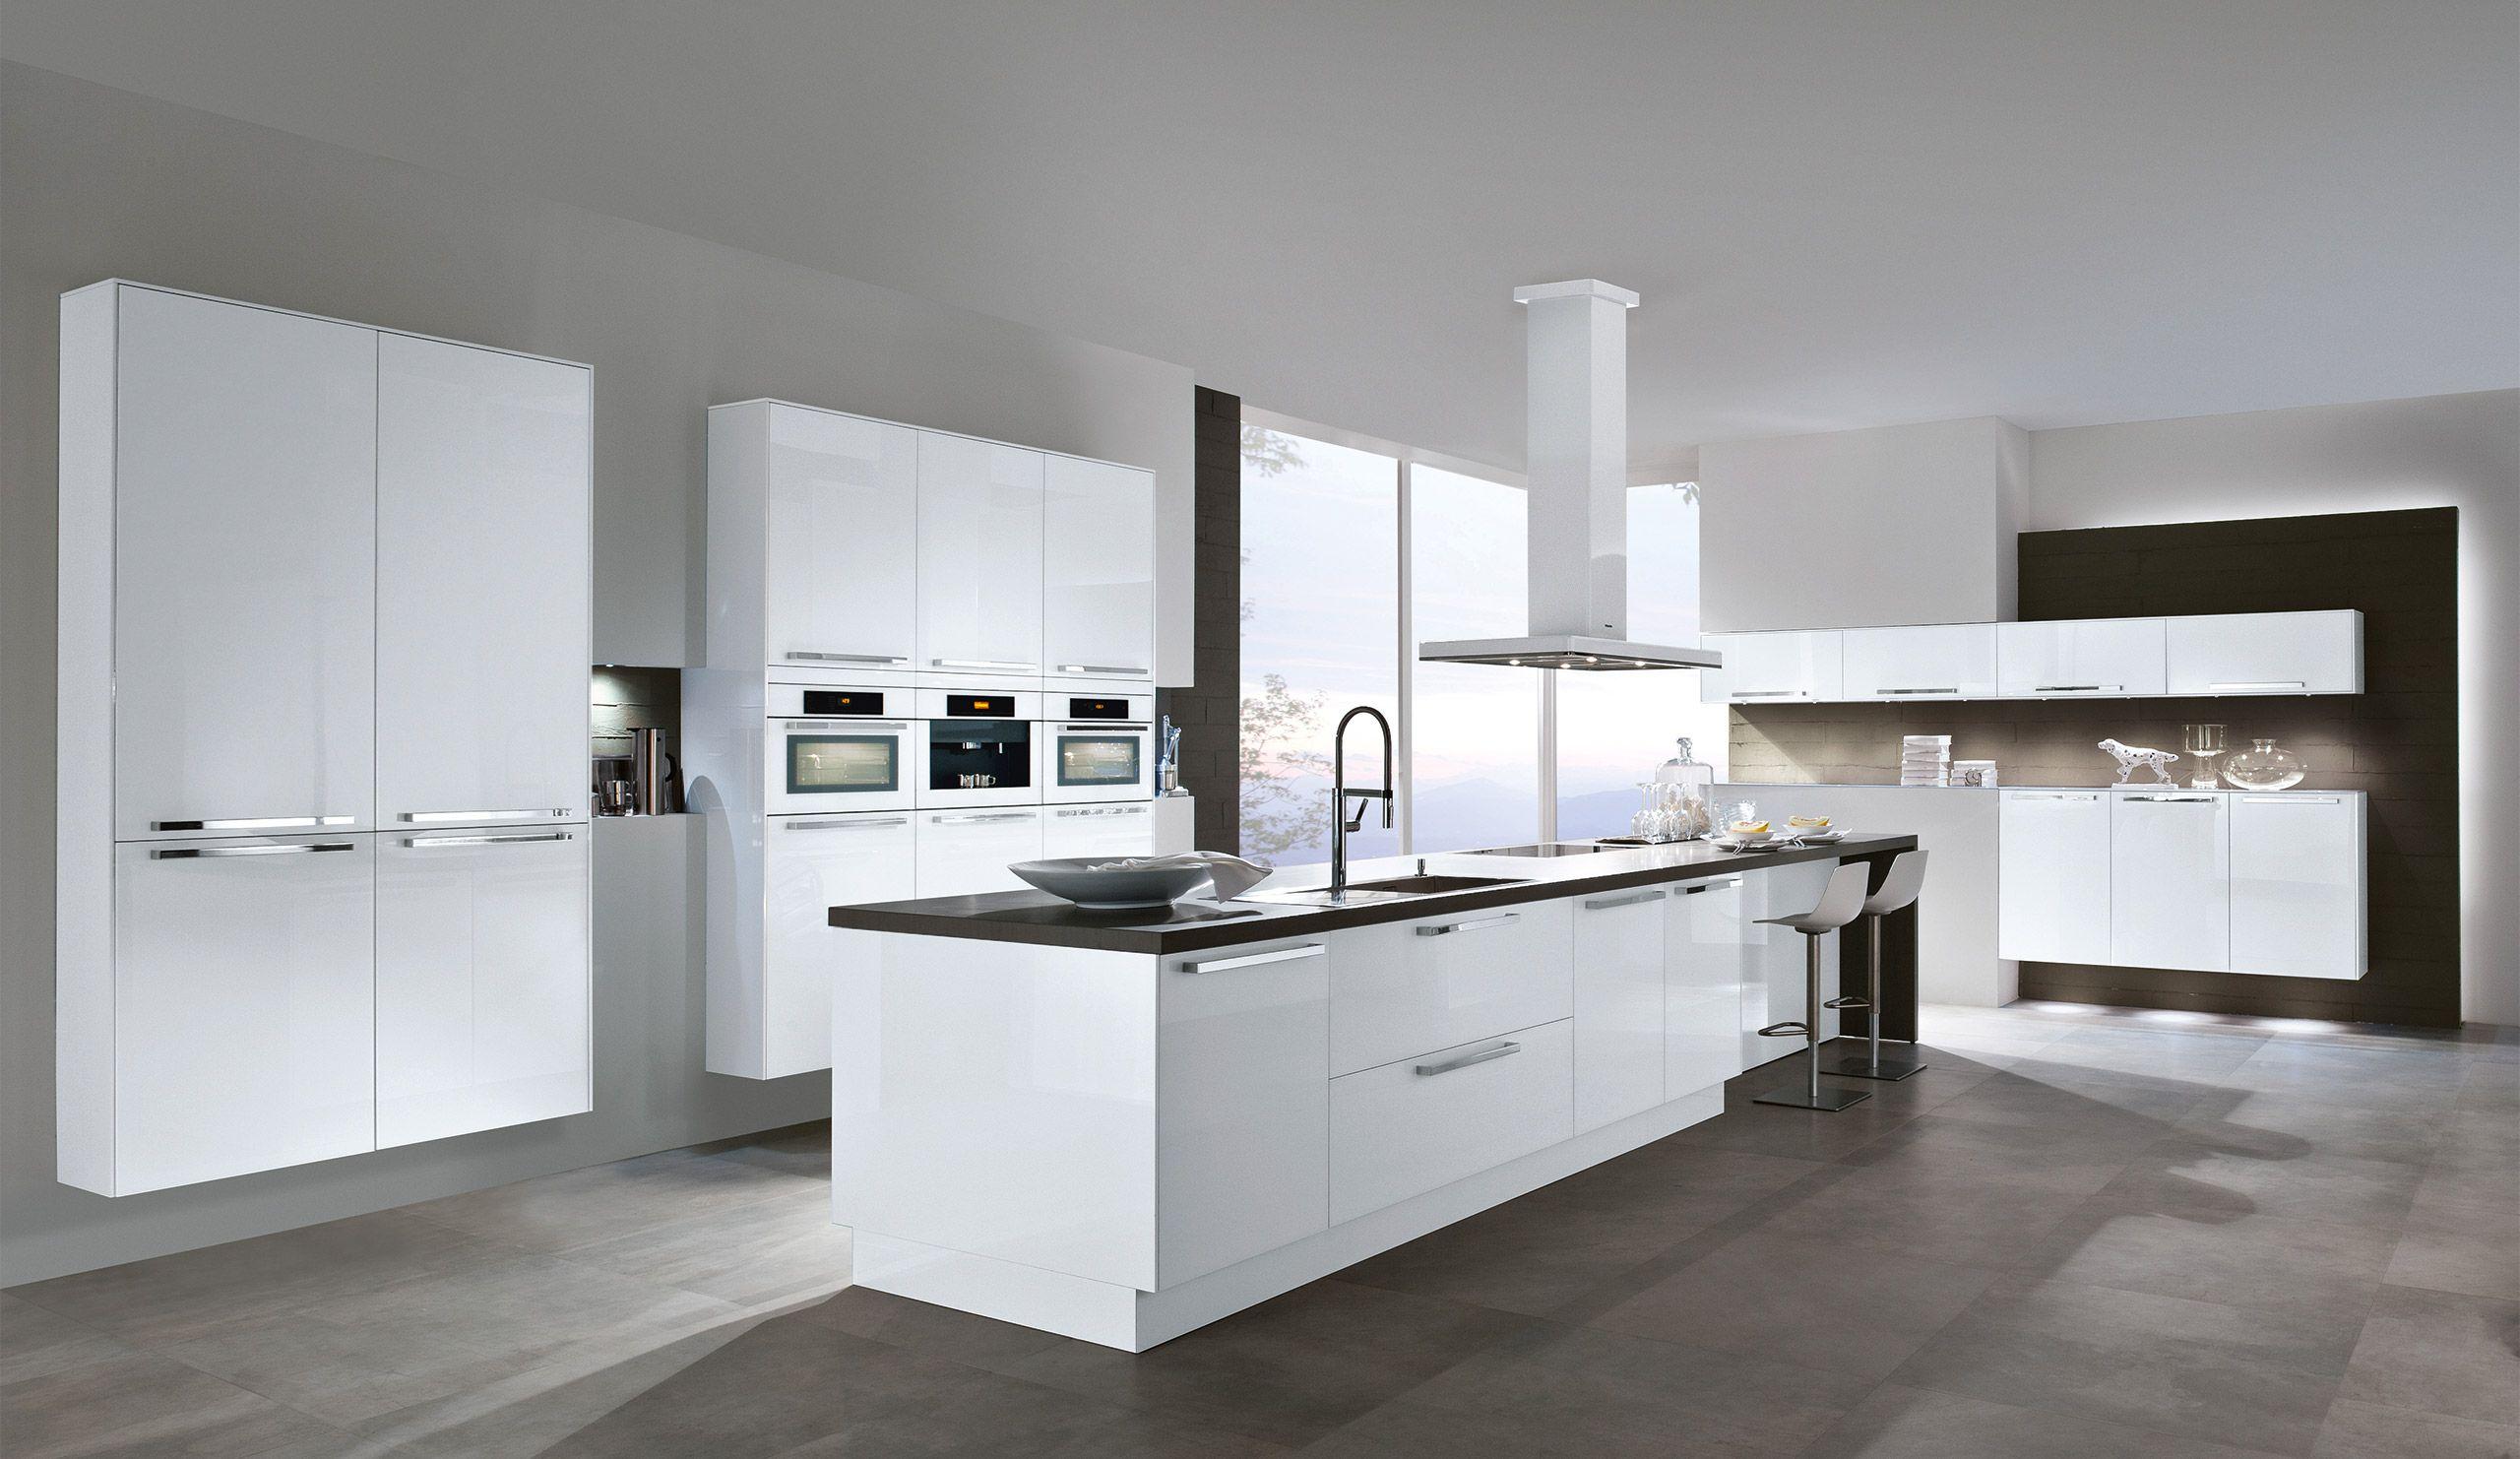 Fein Dream Maker Küche Und Bad Lubbock Tx Galerie - Küchenschrank ...